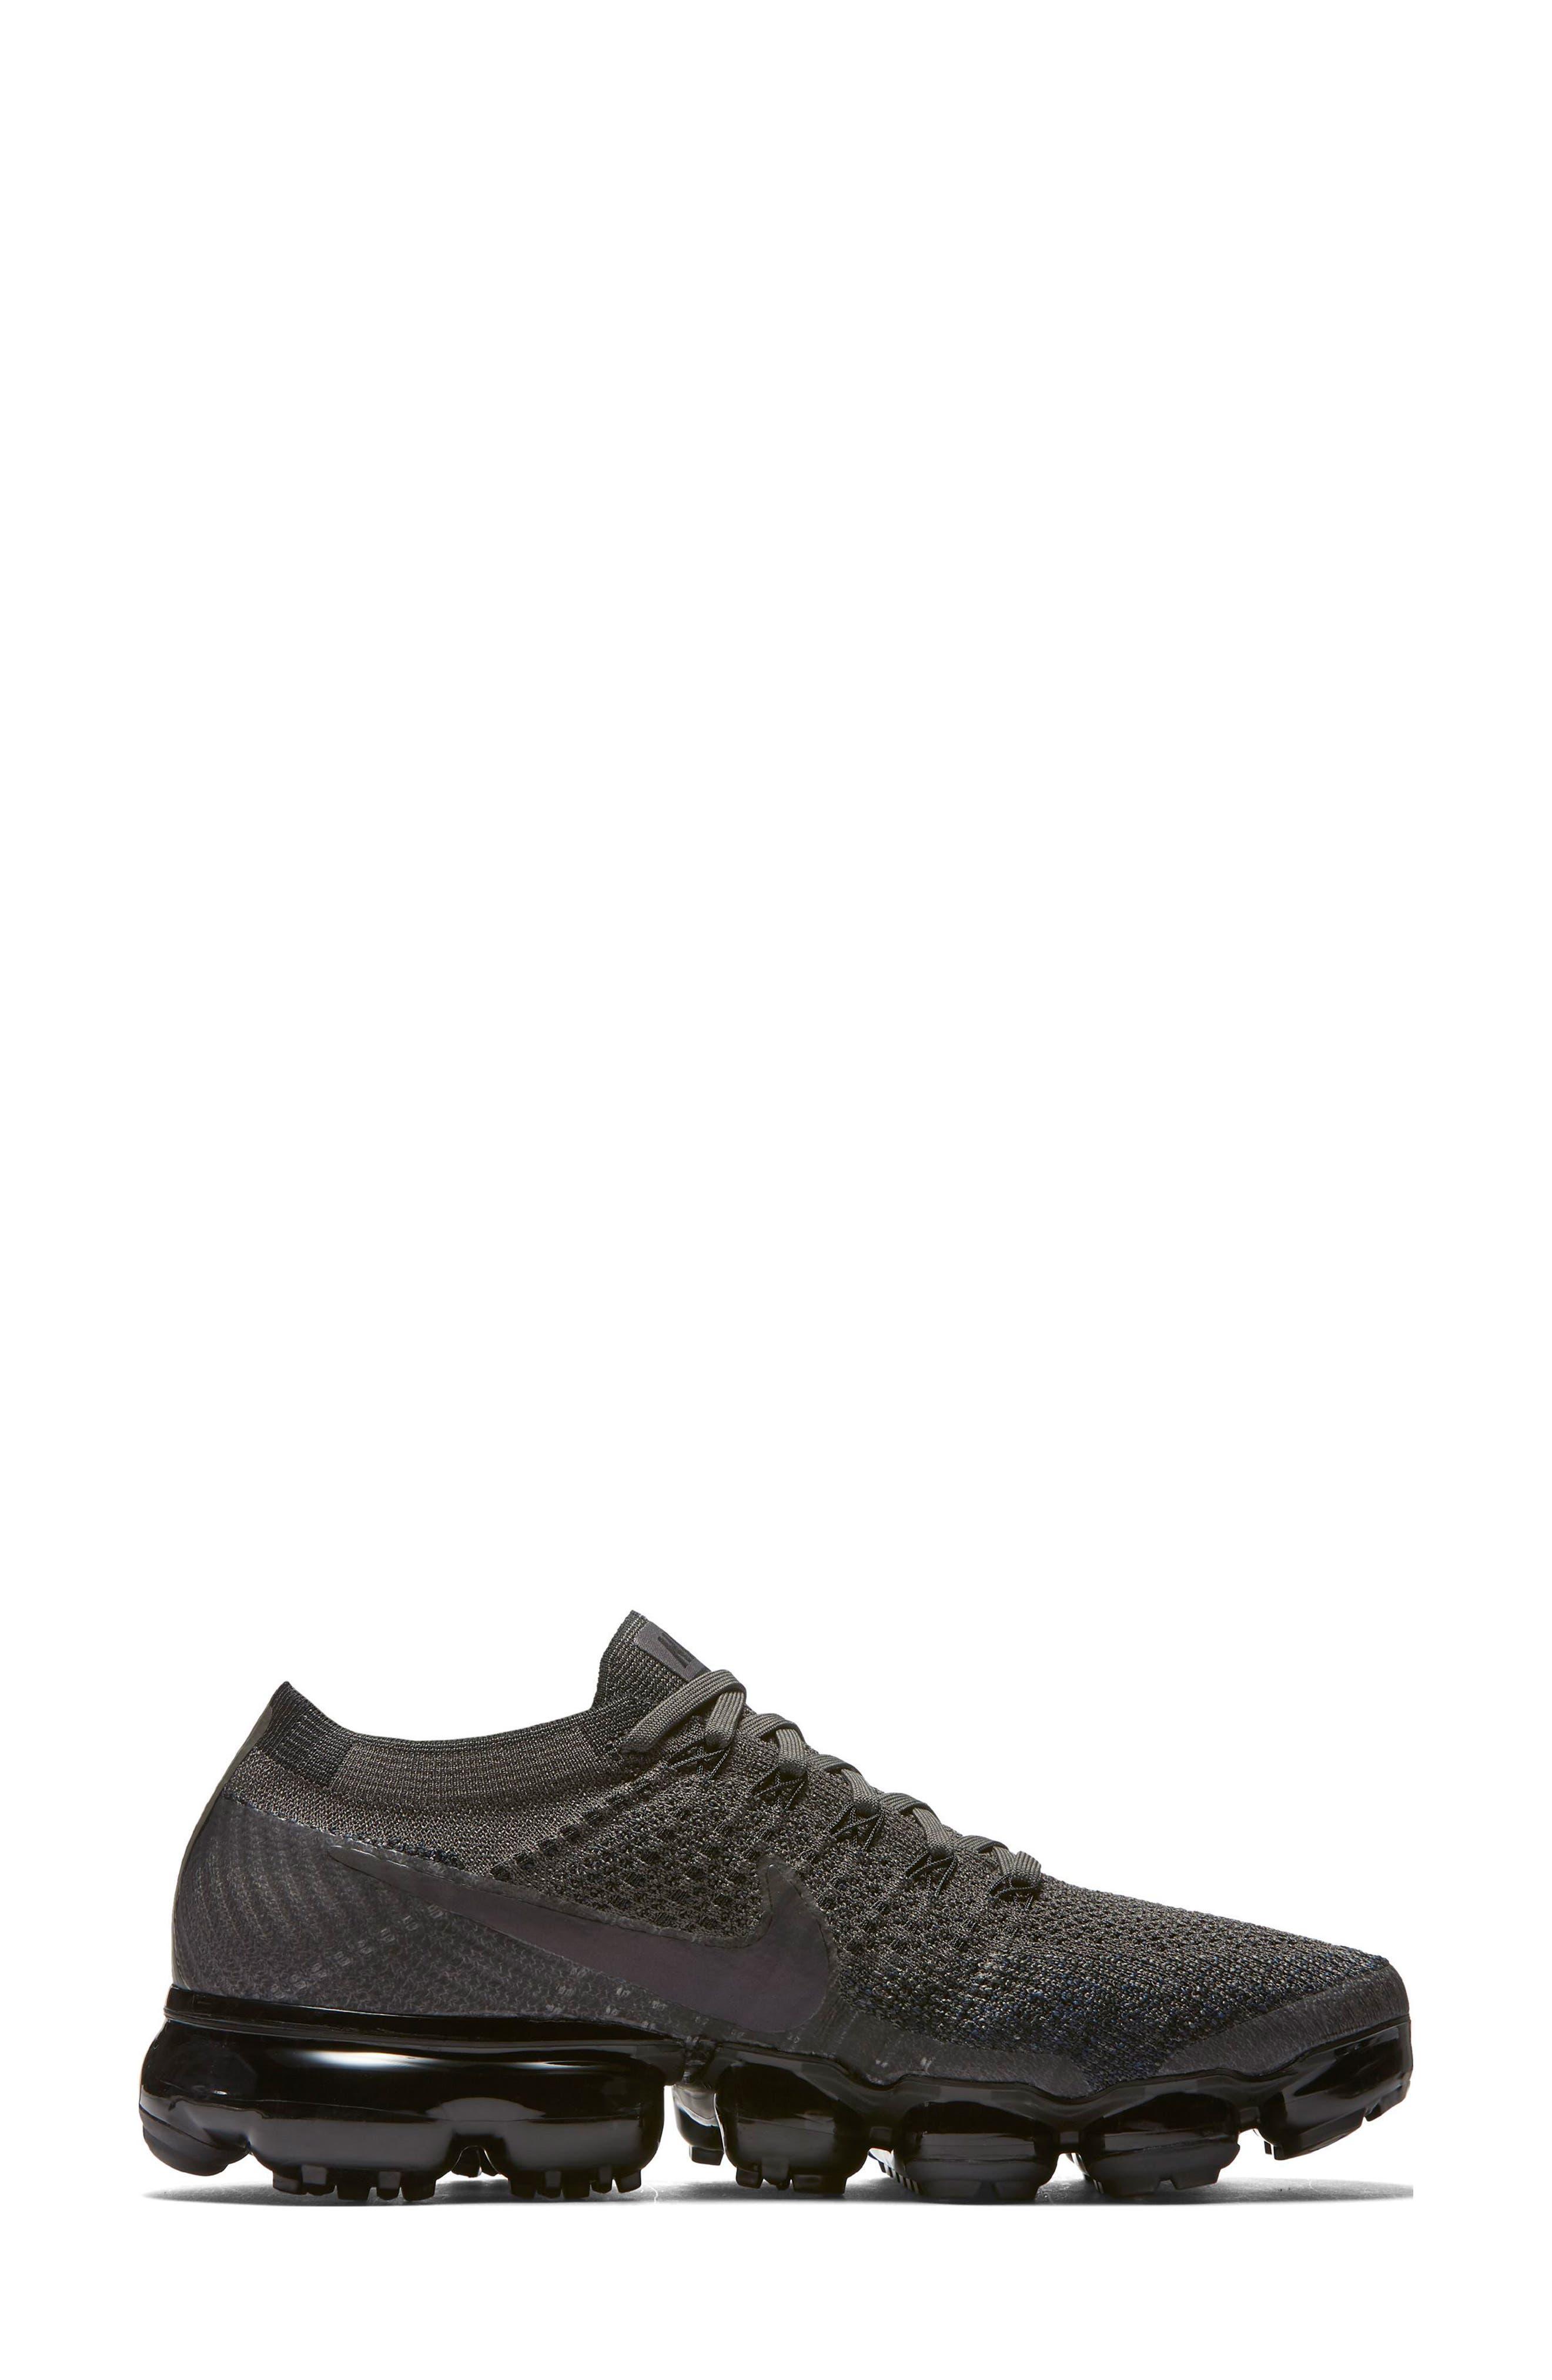 Air VaporMax Flyknit Running Shoe,                             Alternate thumbnail 3, color,                             MIDNIGHT FOG/ BLACK